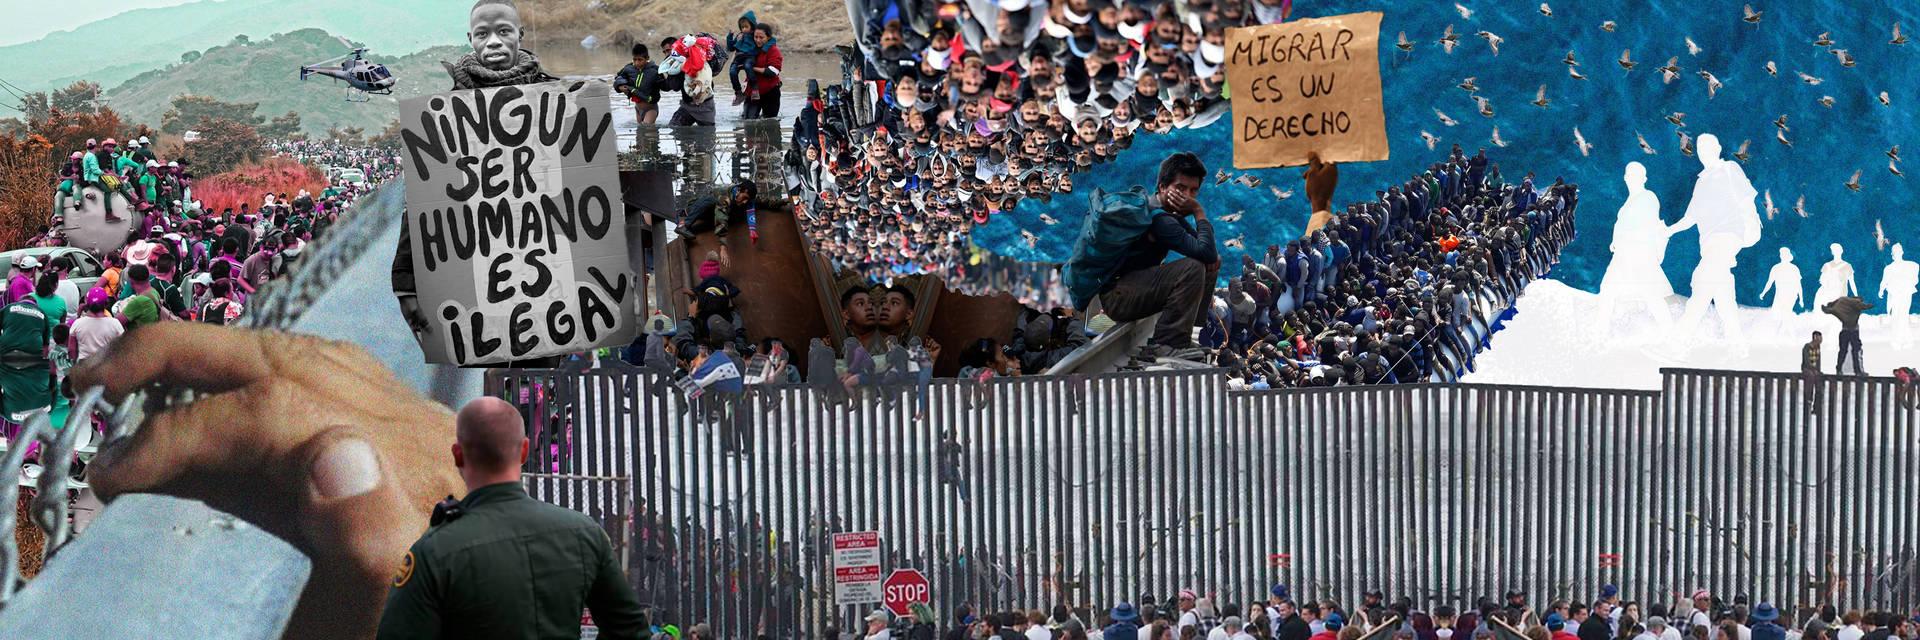 migracionAL.jpg